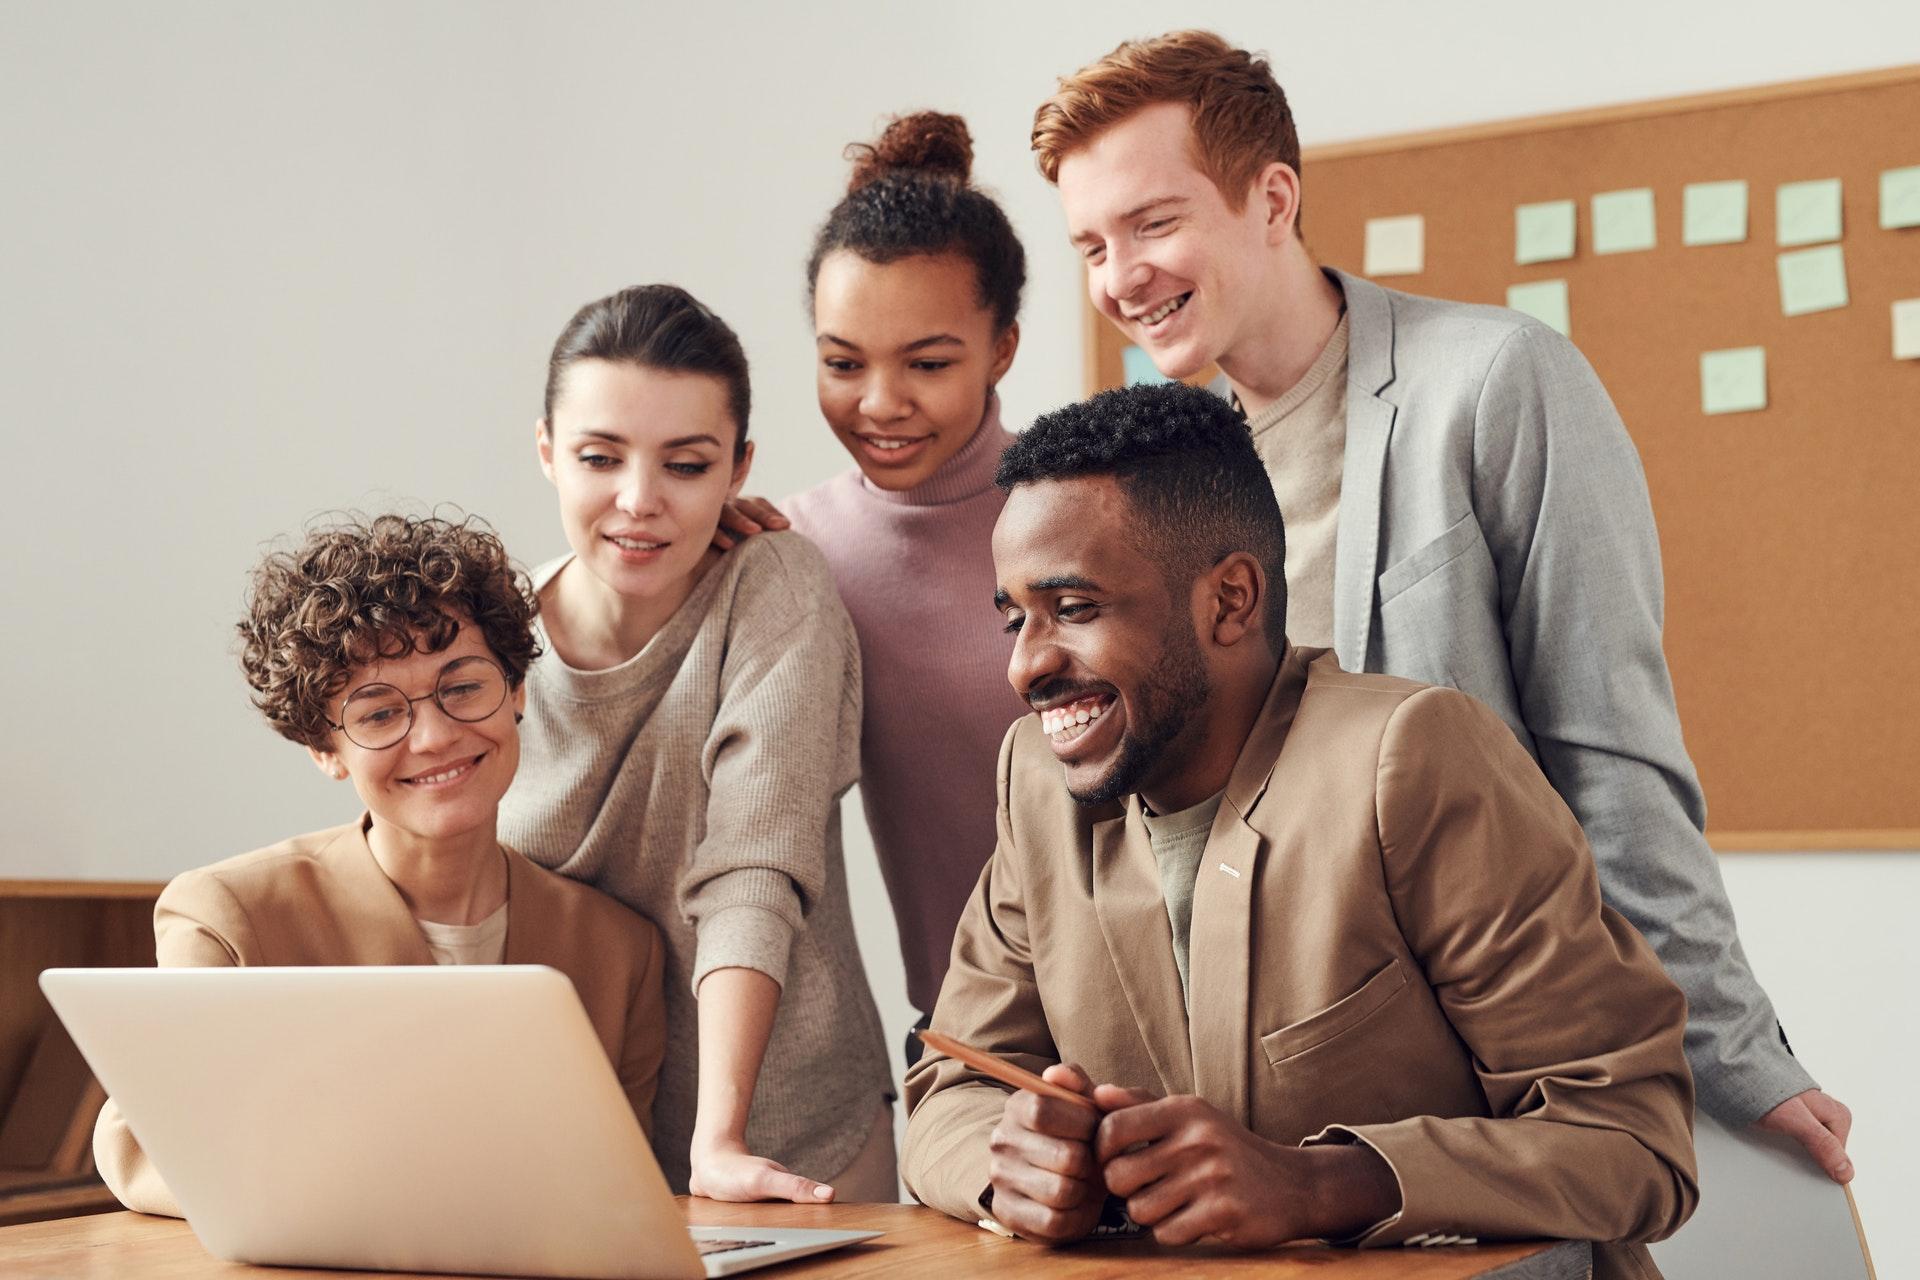 Vemos várias pessoas em uma sala de escritório olhando para um mesmo computador e sorrindo (imagem ilustrativa). Texto: empreendedorismo e intraempreendedorismo